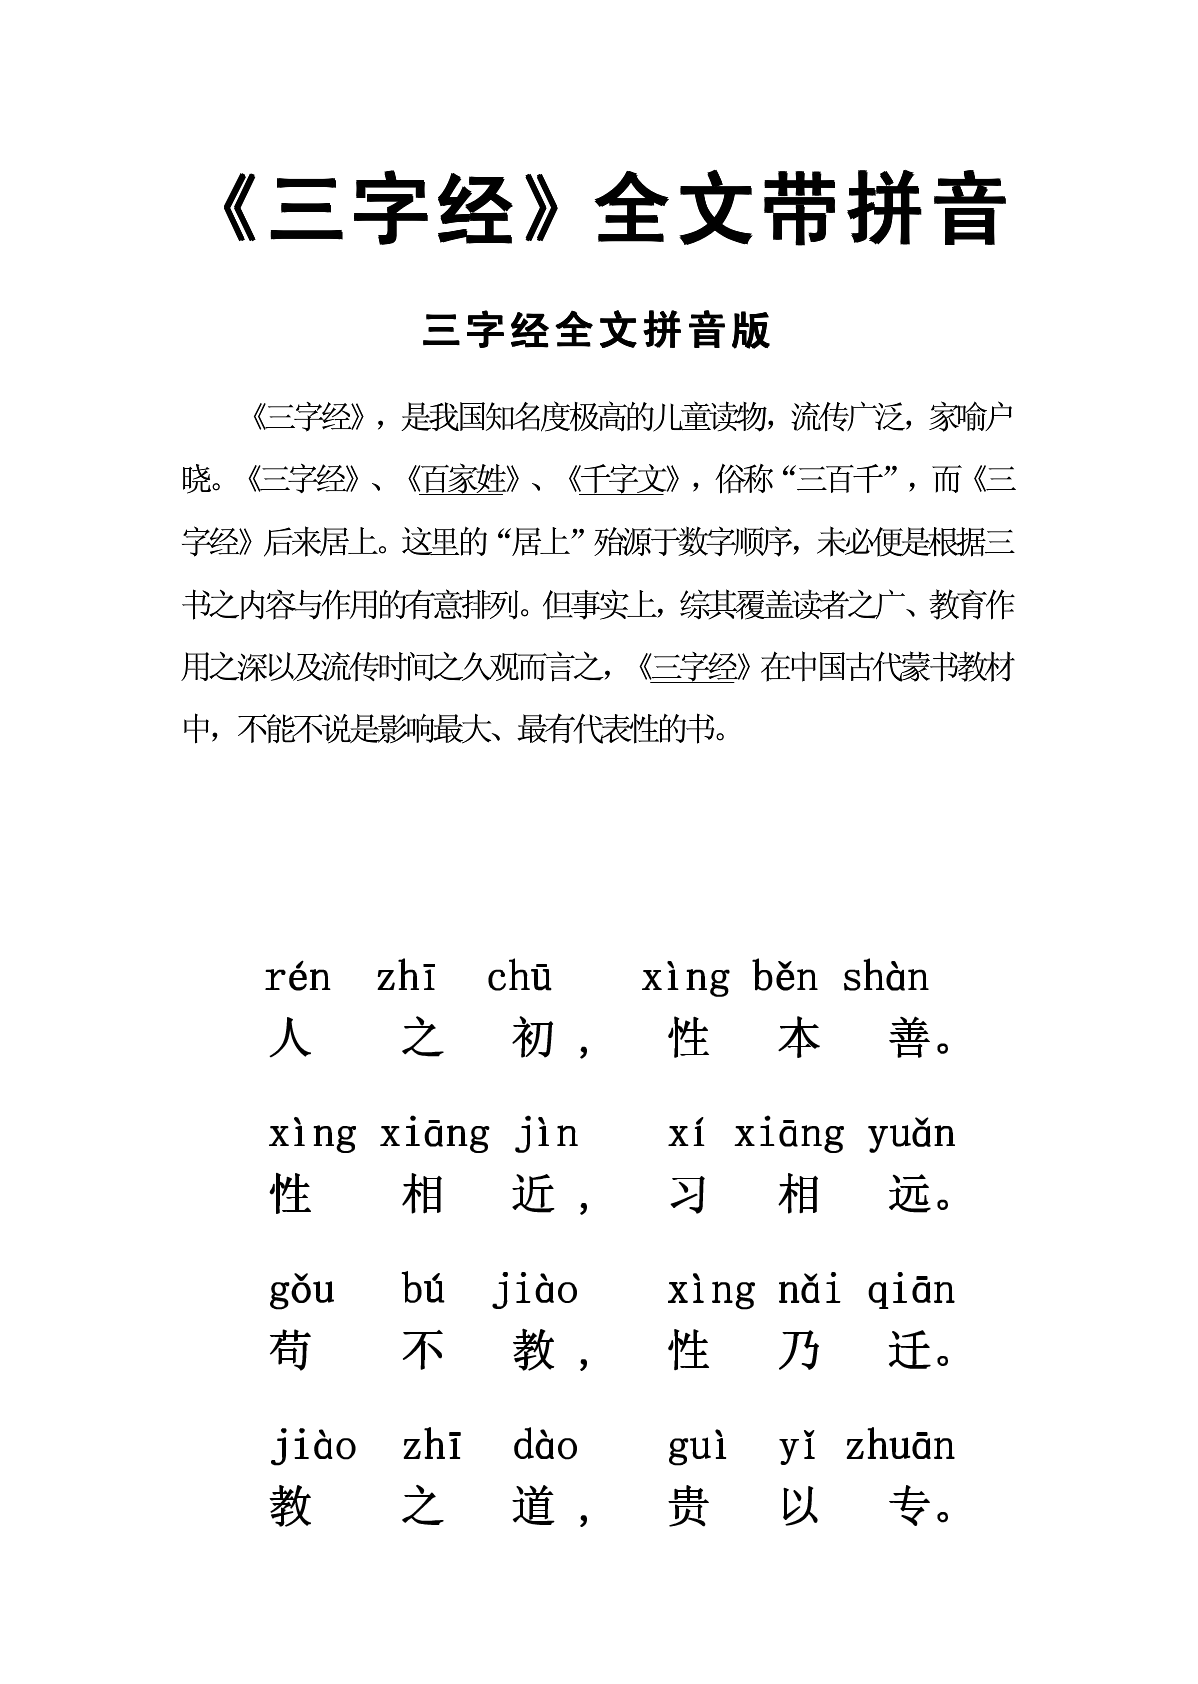 【最新编排】三字经全文带拼音PDF搜藏